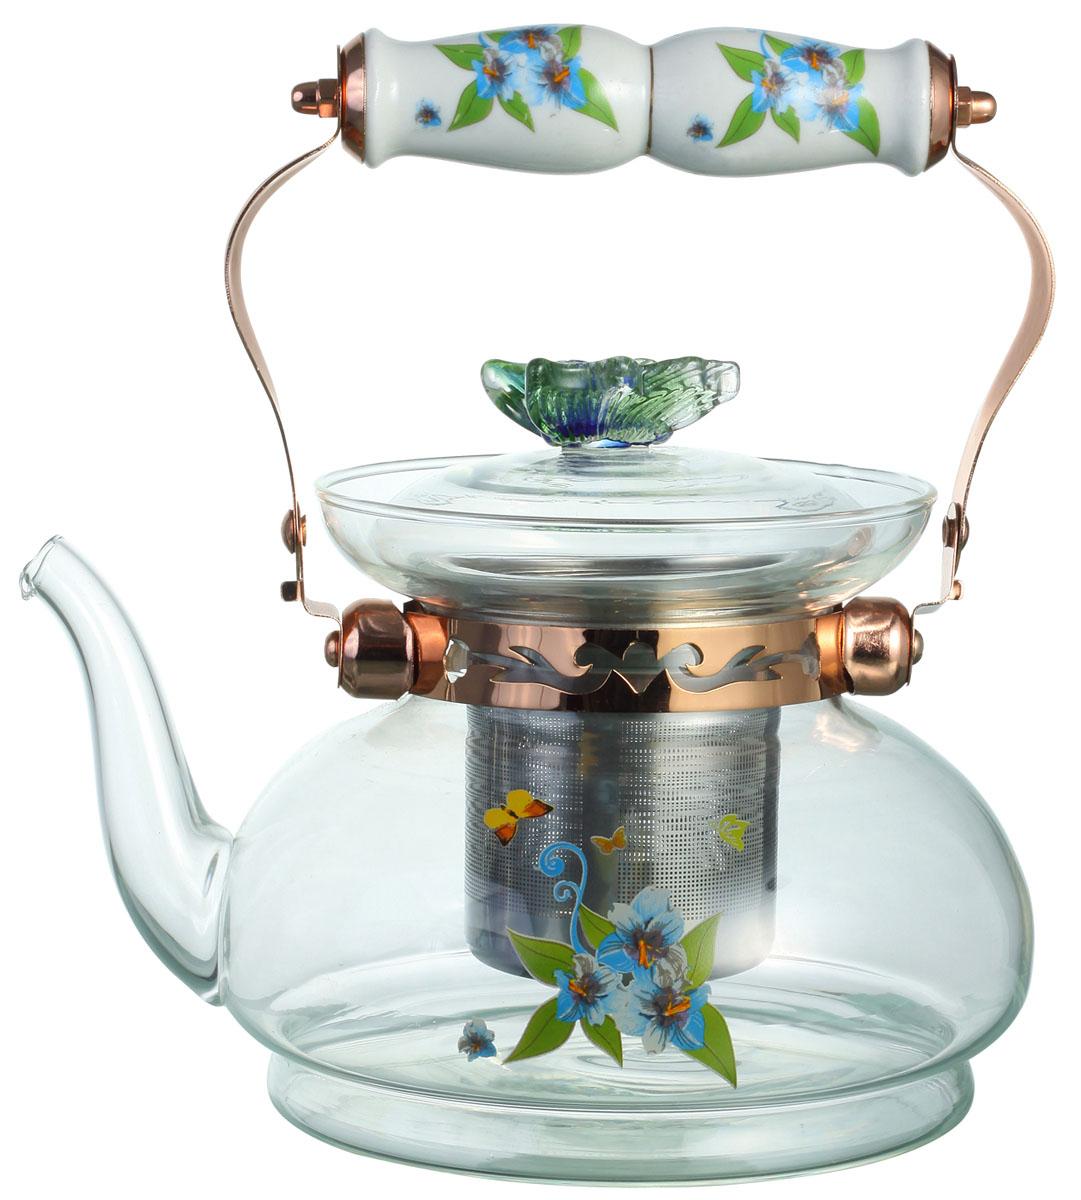 Чайник заварочный Bekker, цвет: голубые цветы, 1 л. BK-7616BK-7616Заварочный чайник Bekker выполнен из жаростойкого стекла, которое хорошо удерживает тепло. Ручка и съемное ситечко внутри чайника выполнены из высококачественной нержавеющей стали. Высокая ручка чайника, снабженная фарфоровой насадкой, позволяет с легкостью удерживать его на весу. Съемное ситечко для заварки предотвращает попадание чаинок и листочков в настой. Заварочный чайник украшен изящным рисунком, что придает ему элегантность. Заварочный чайник из стекла удобно использовать для повседневного заваривания чая практически любого сорта. Но цветочные, фруктовые, красные и желтые сорта чая лучше других раскрывают свой вкус и аромат при заваривании именно в стеклянных чайниках и сохраняют полезные ферменты и витамины, содержащиеся в чайных листах. Высота чайника: 13 см.